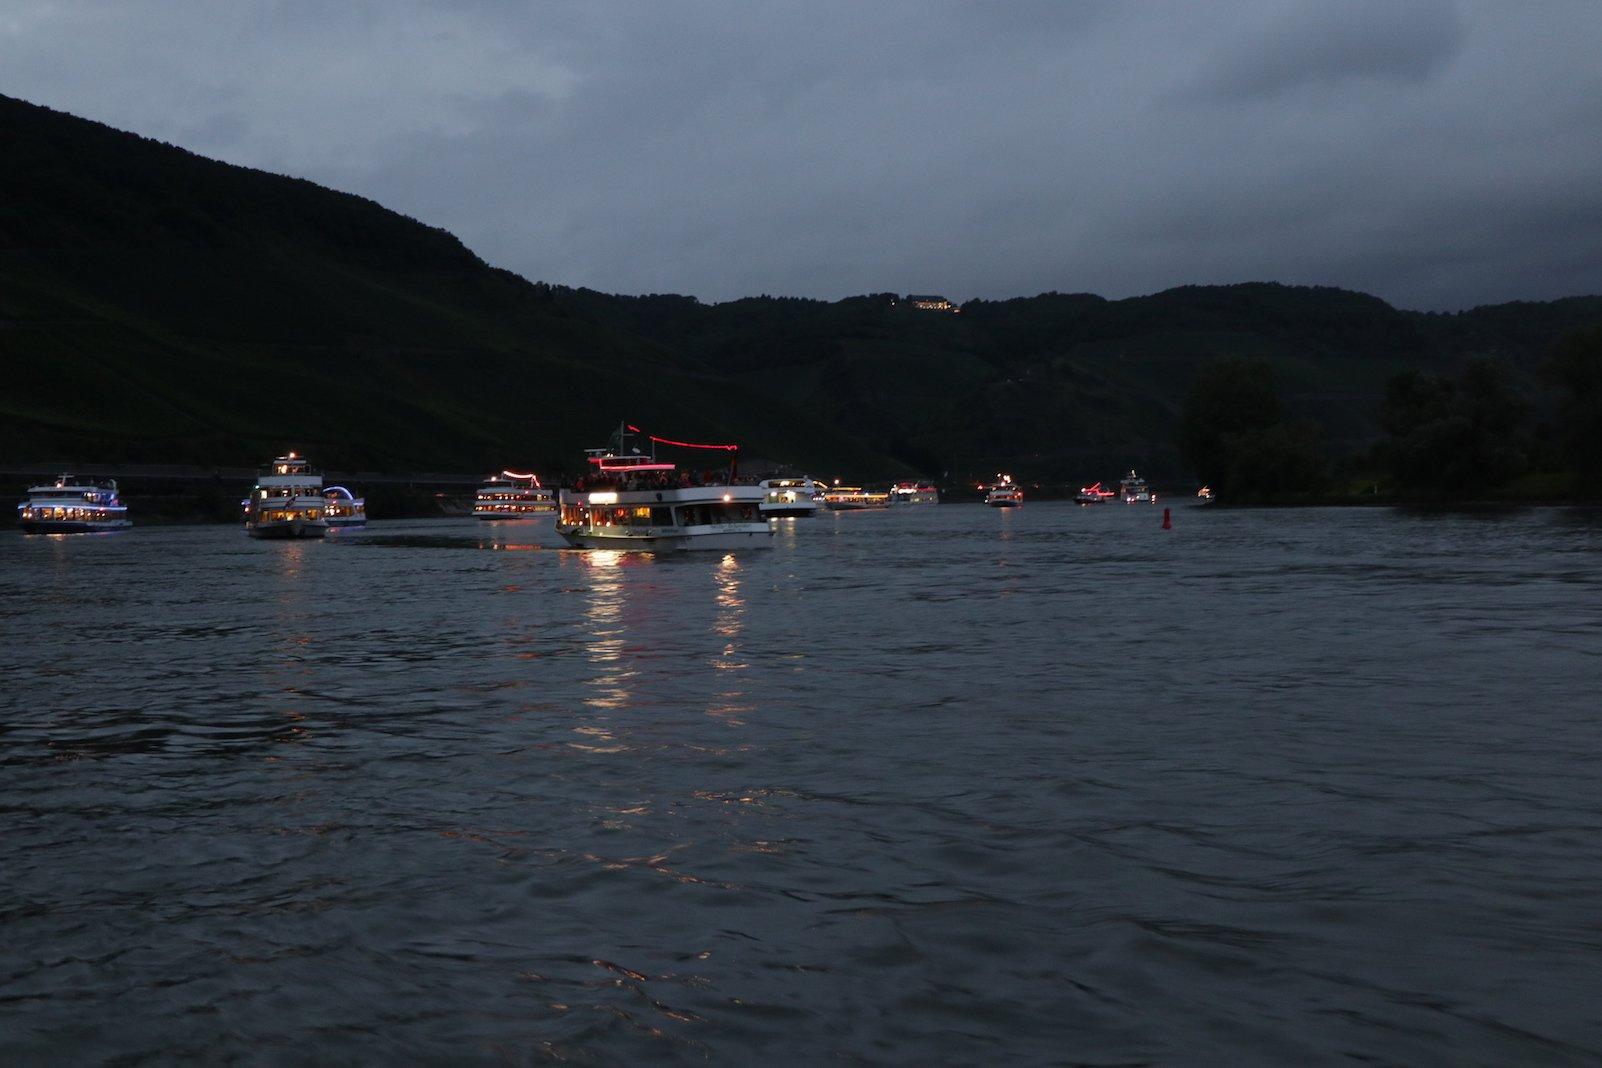 Die Schiffe haben bereits die Festbeleuchtung zu Rhein in Flammen an